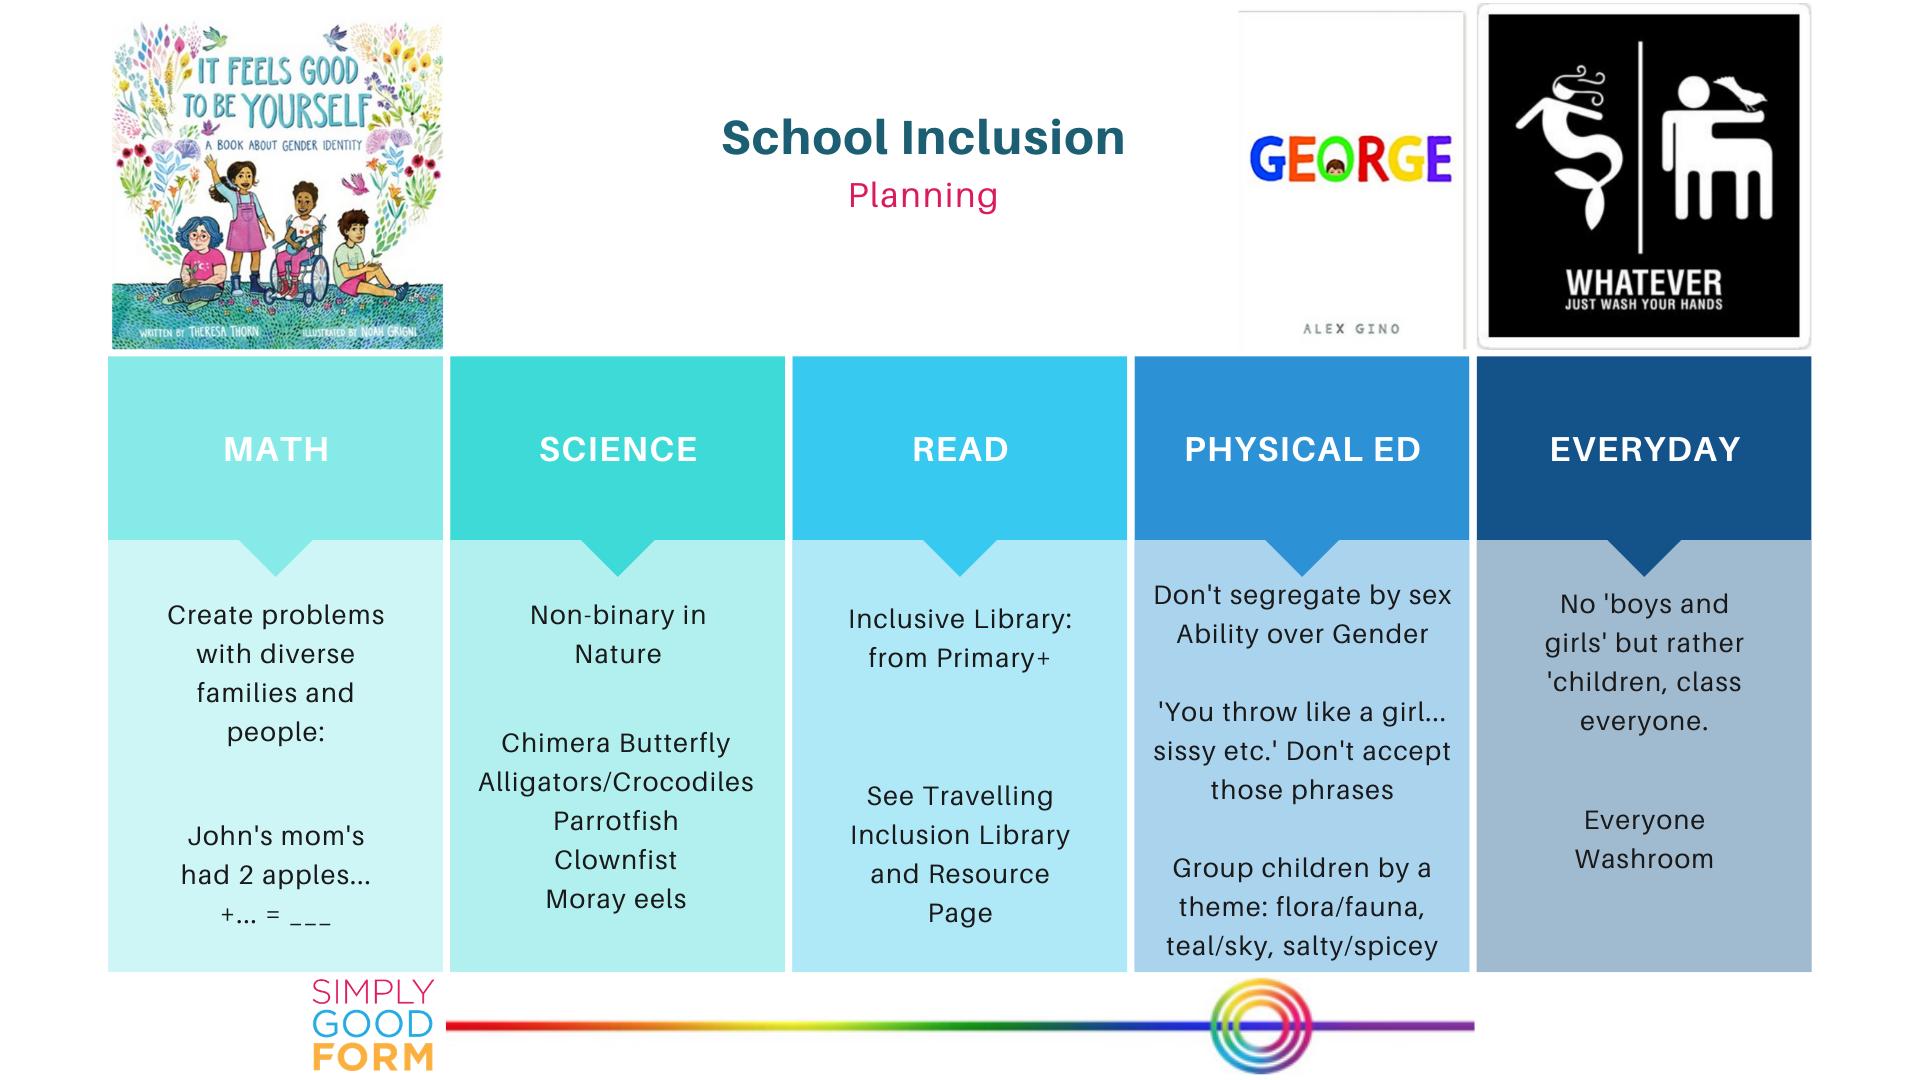 School_Inclusion_Plan